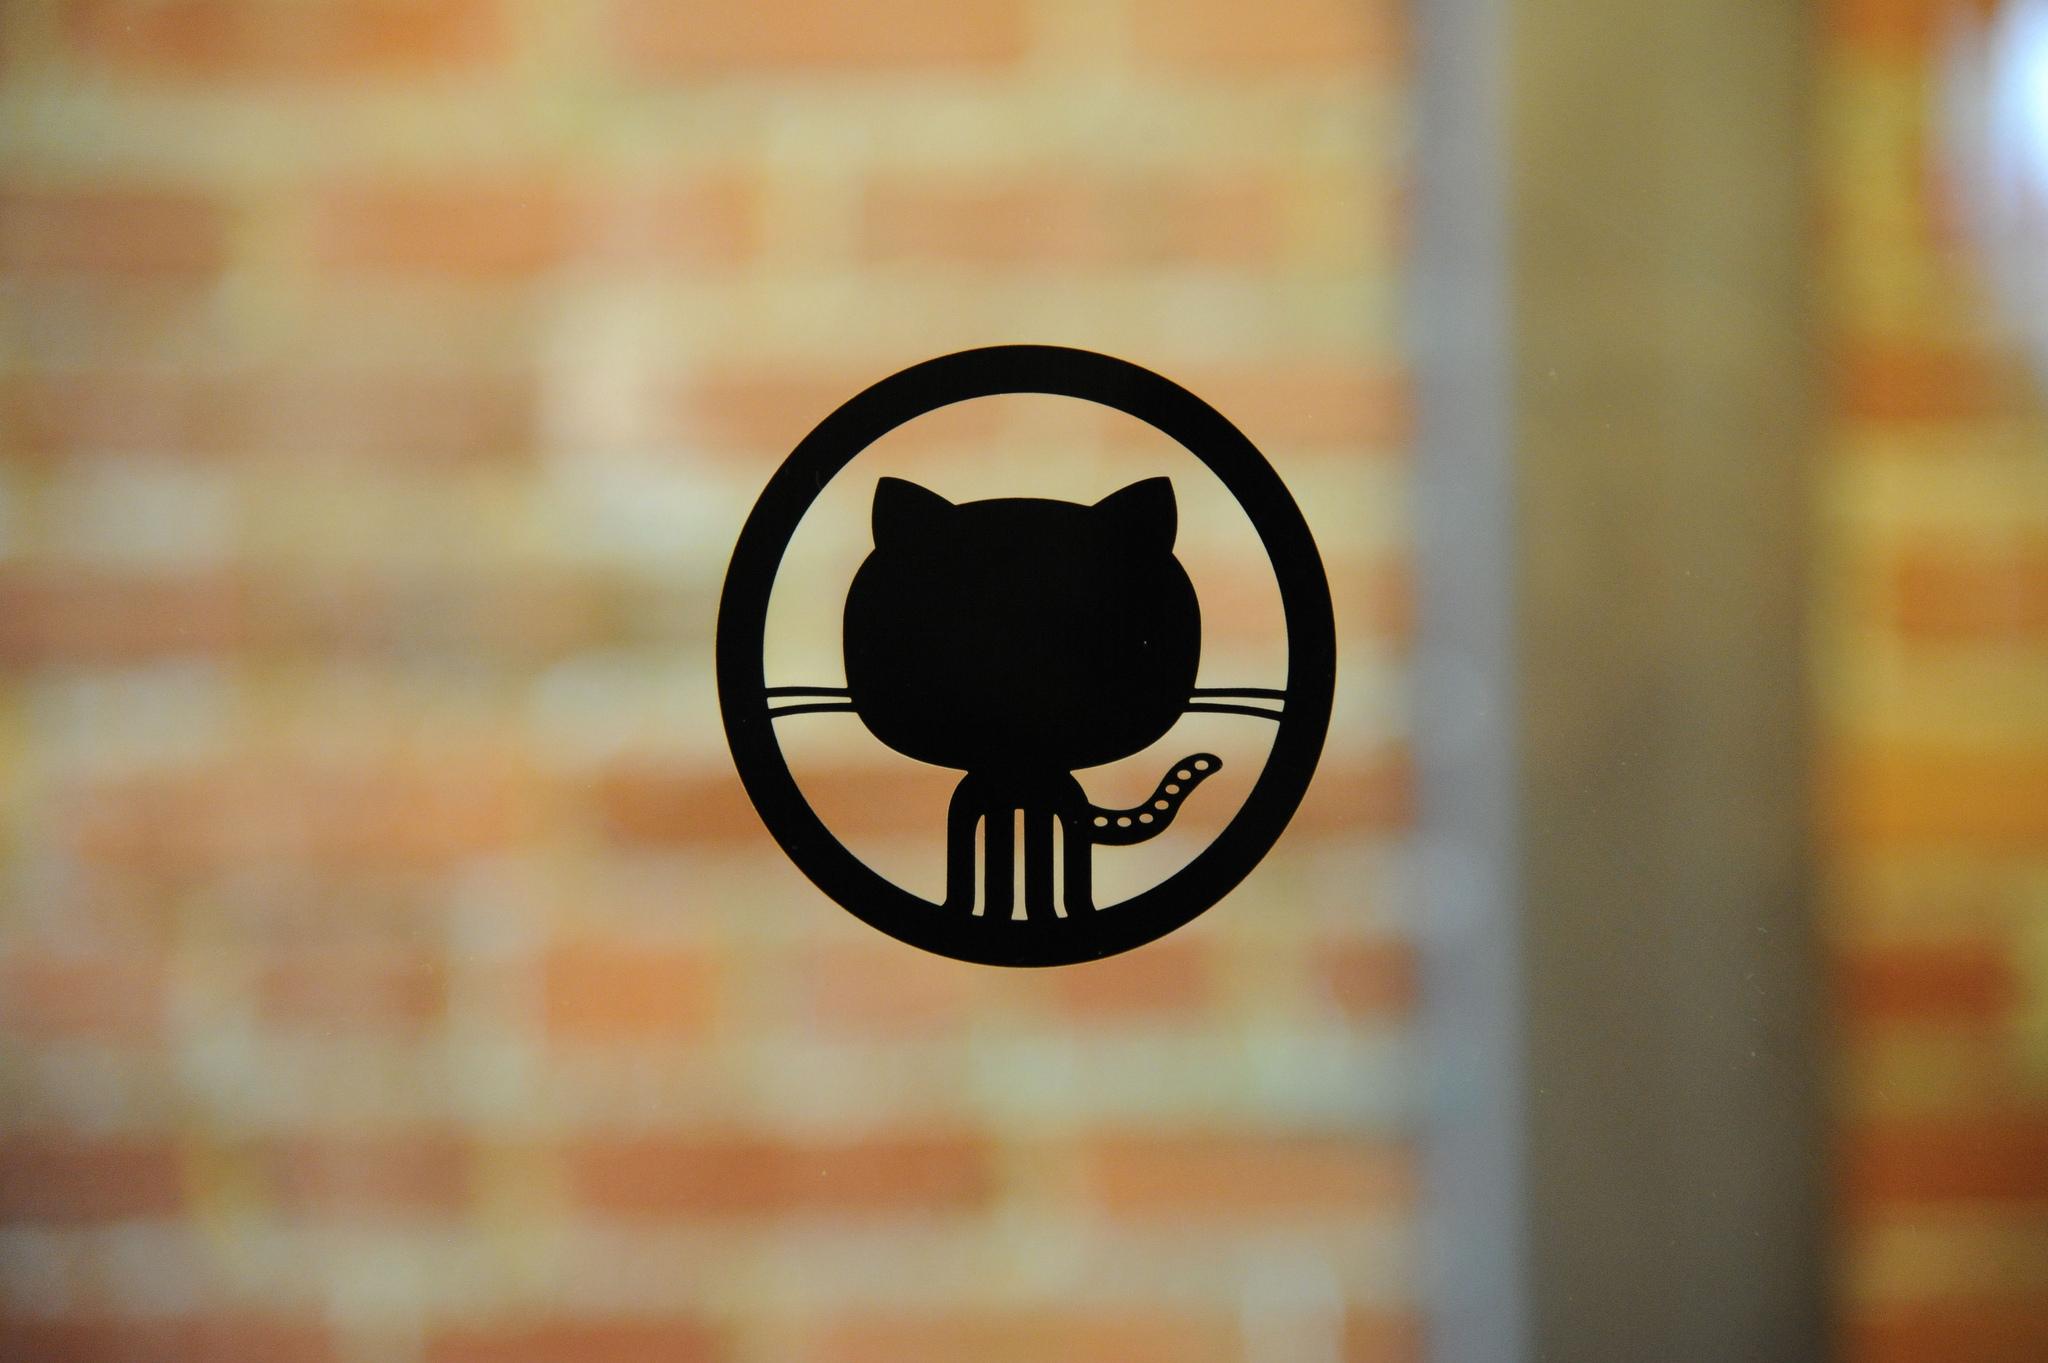 Microsoft confirme l'acquisition de GitHub pour 7,5 milliards